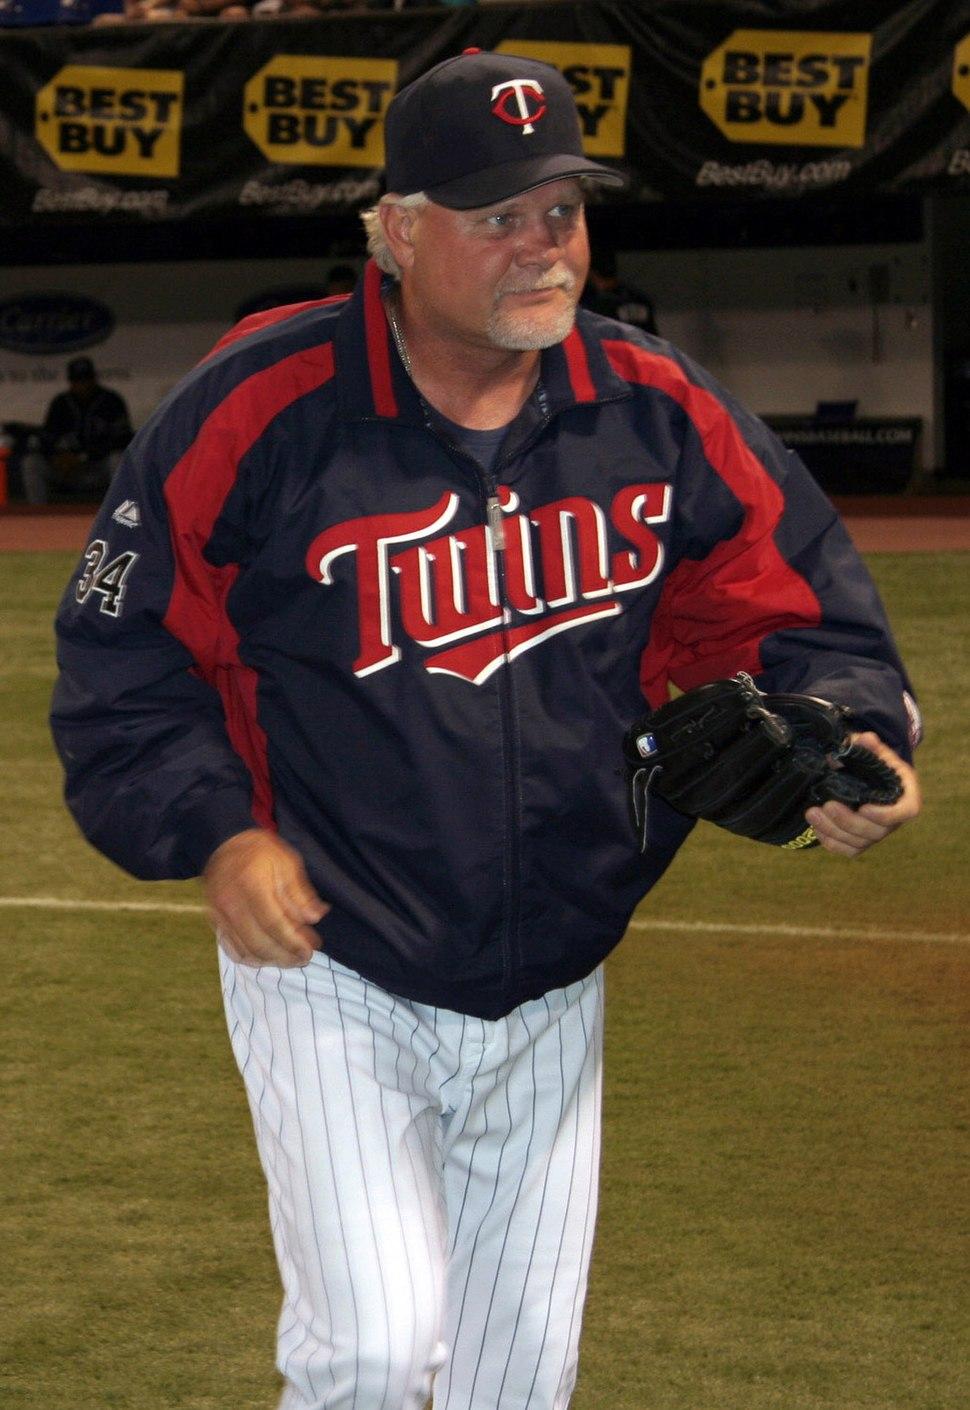 Ron Gardenhire 2006